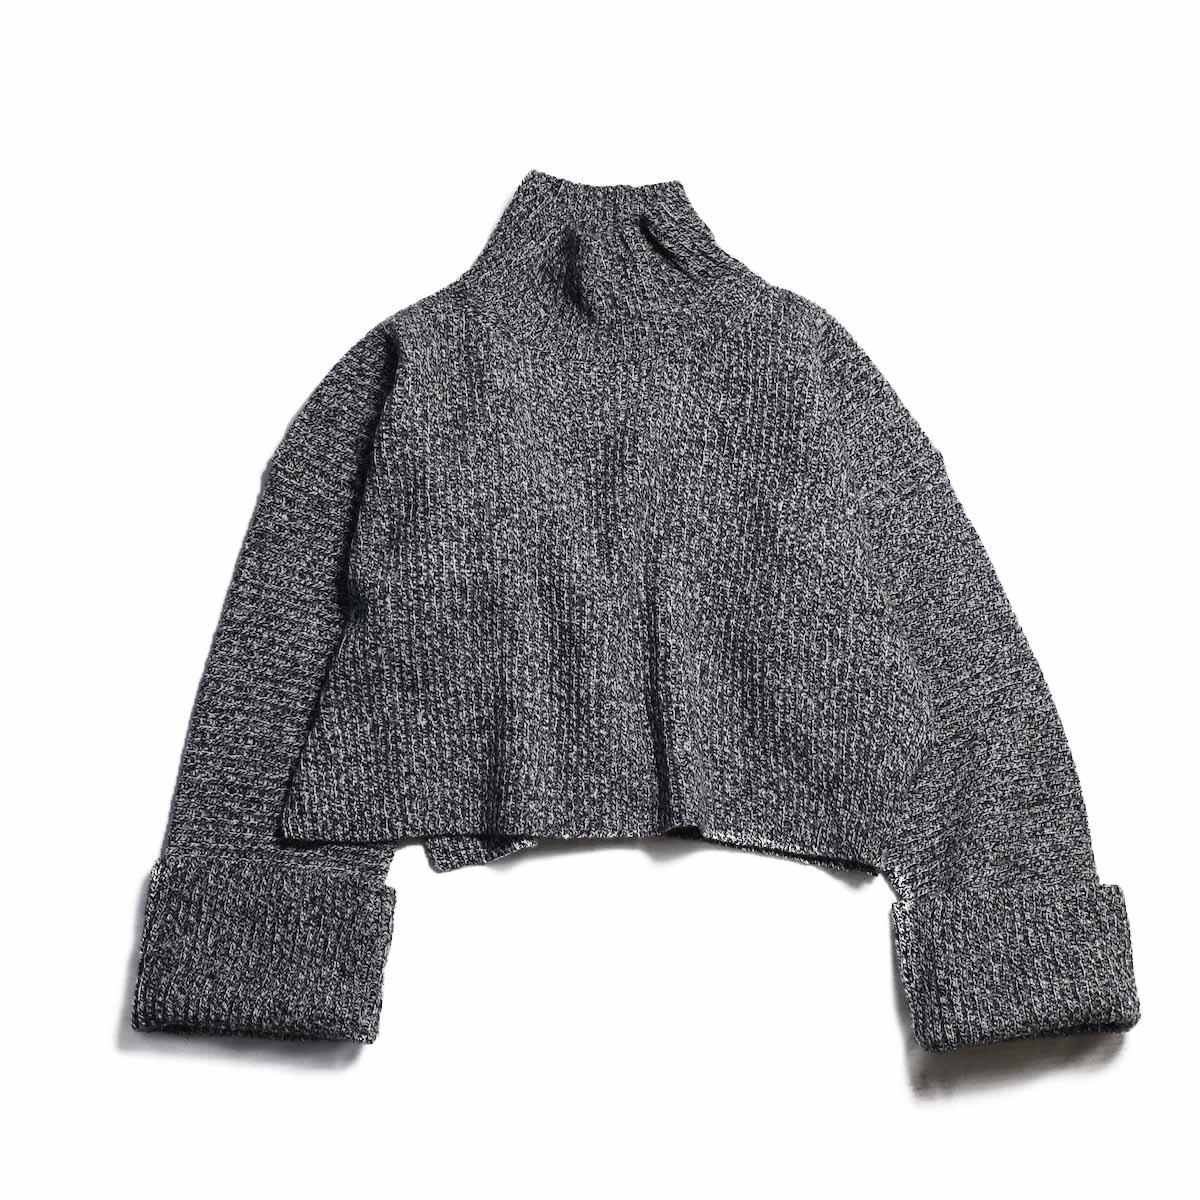 YLEVE / Woolen Rib Kn Turtlneck P/O -GREY